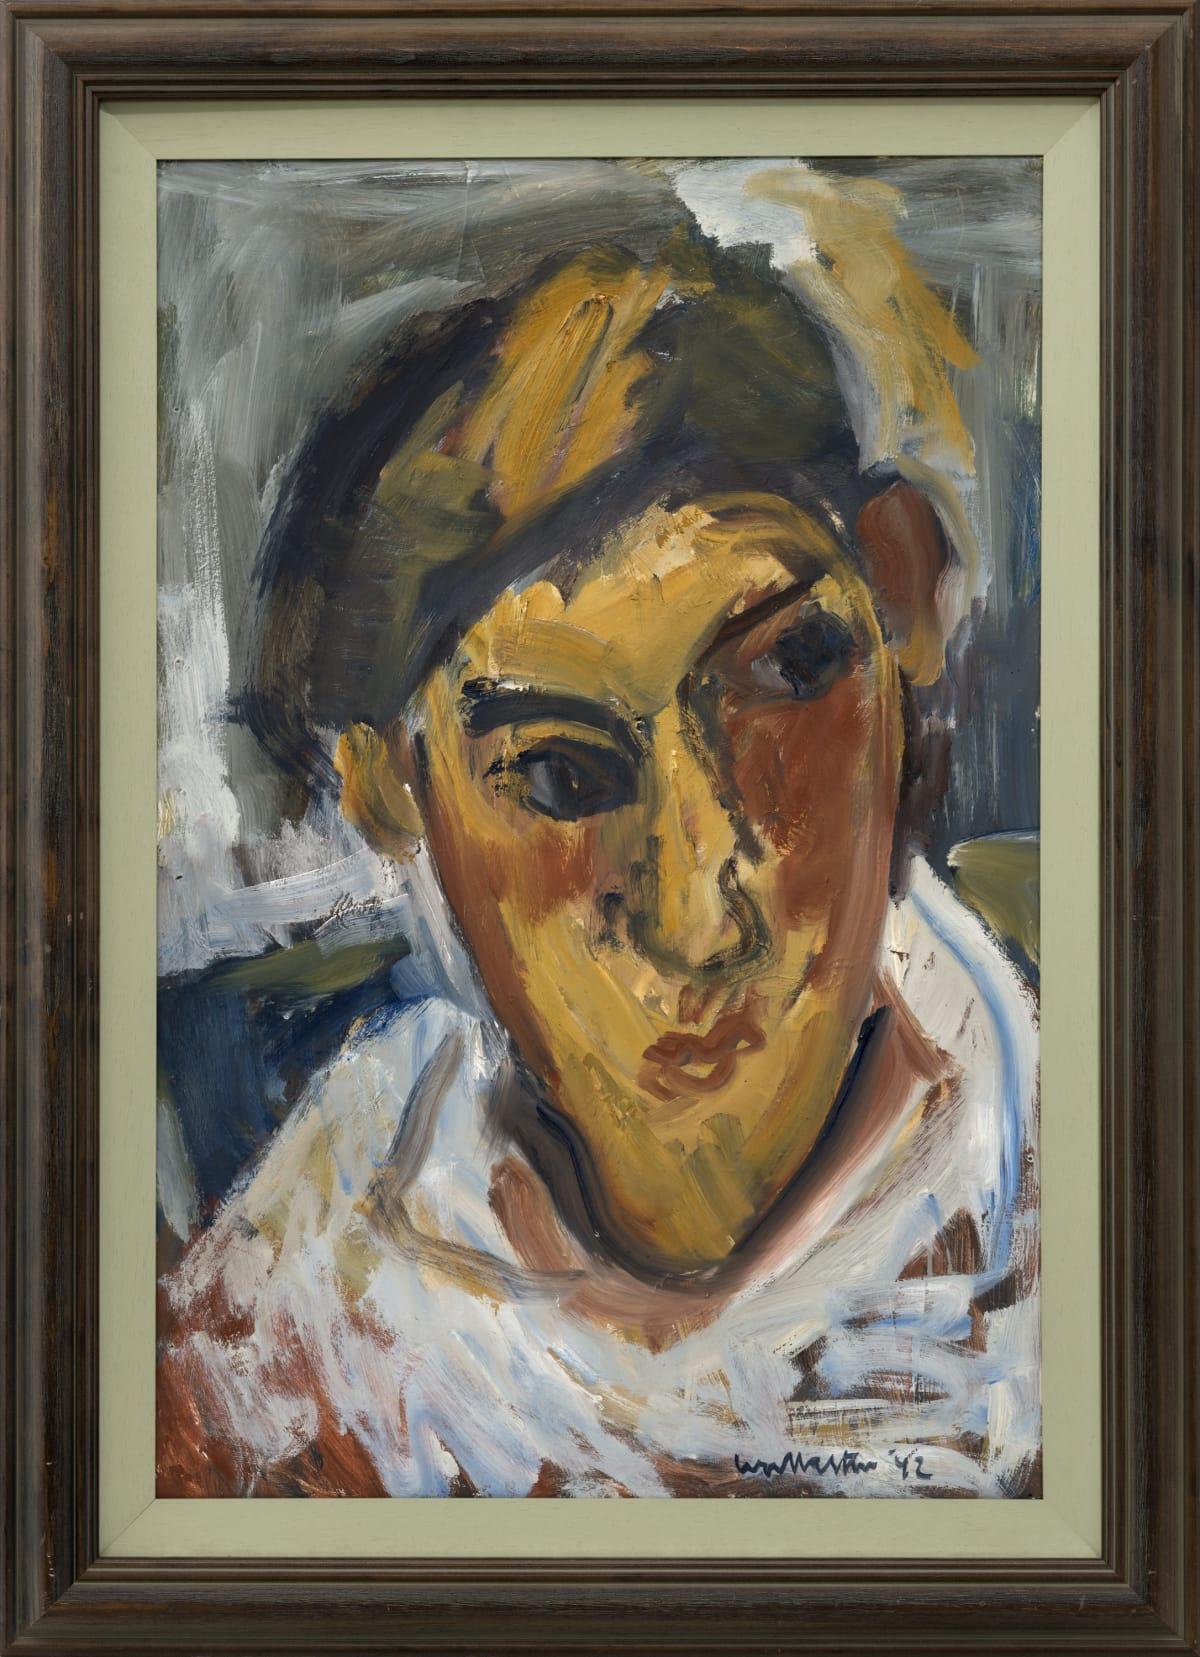 Mountford Tosswill Woollaston Portrait of Candace Orrah, 1992 Oil on board 33.7 x 22.2 x 18.5 in 85.5 x 56.5 x 47 cm